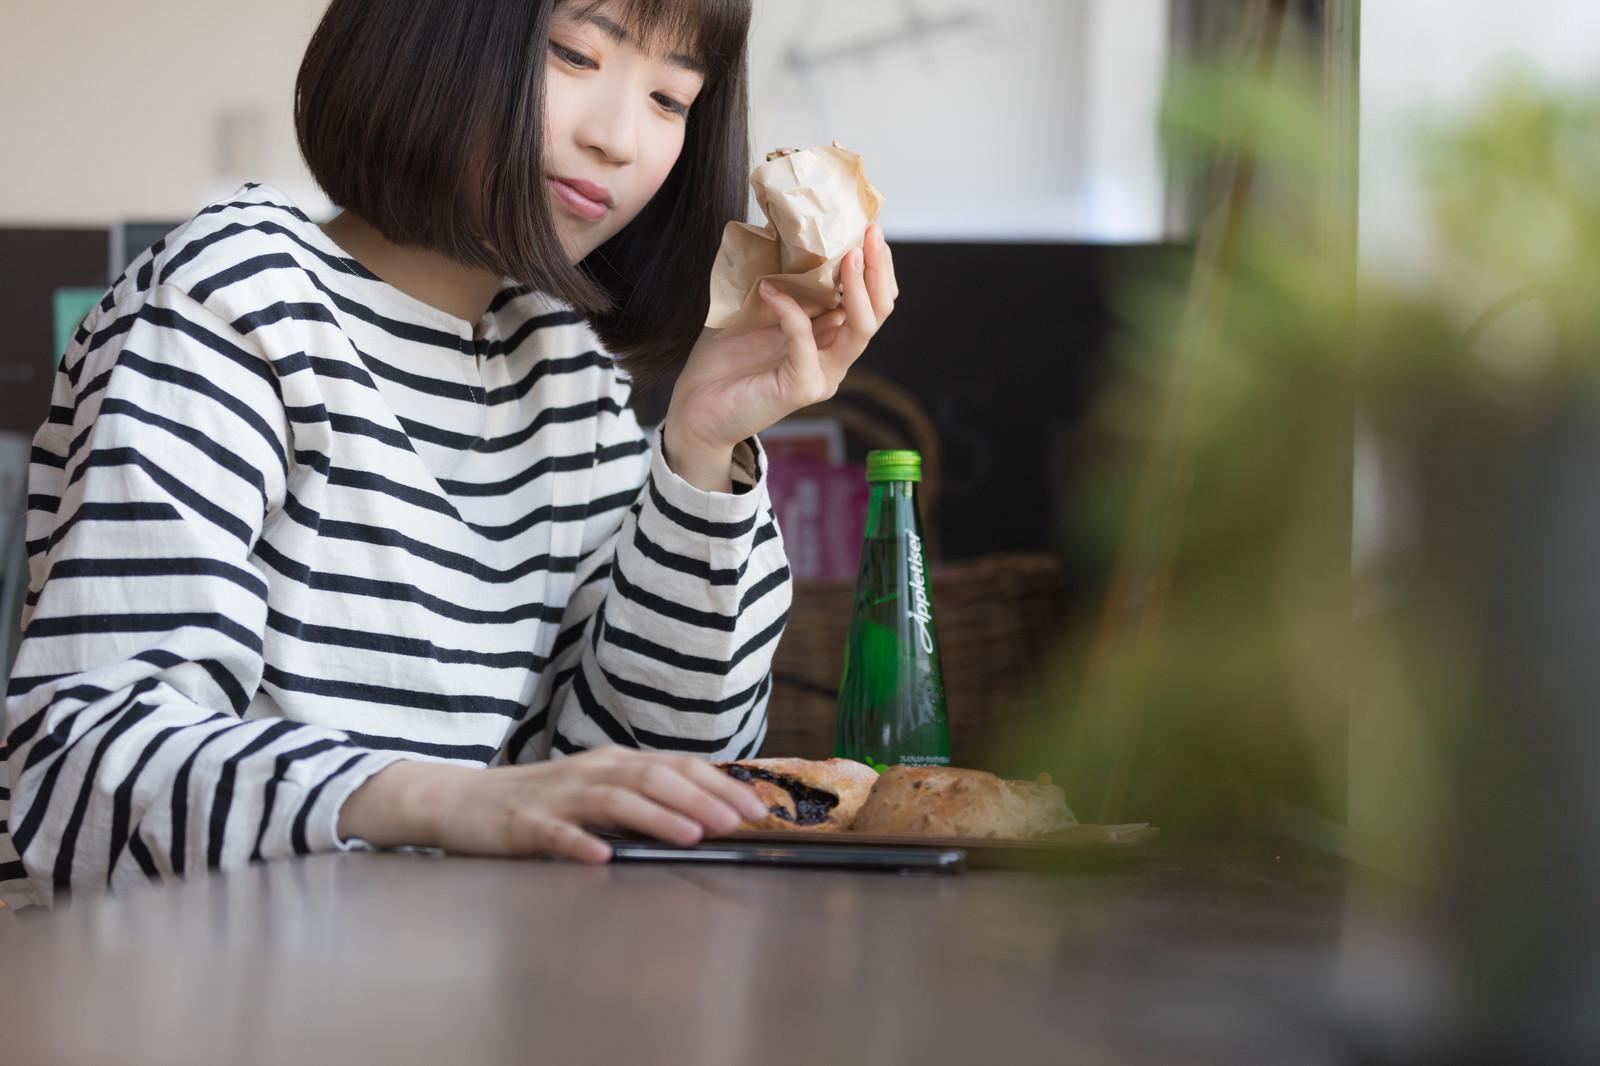 パンを食べる女子